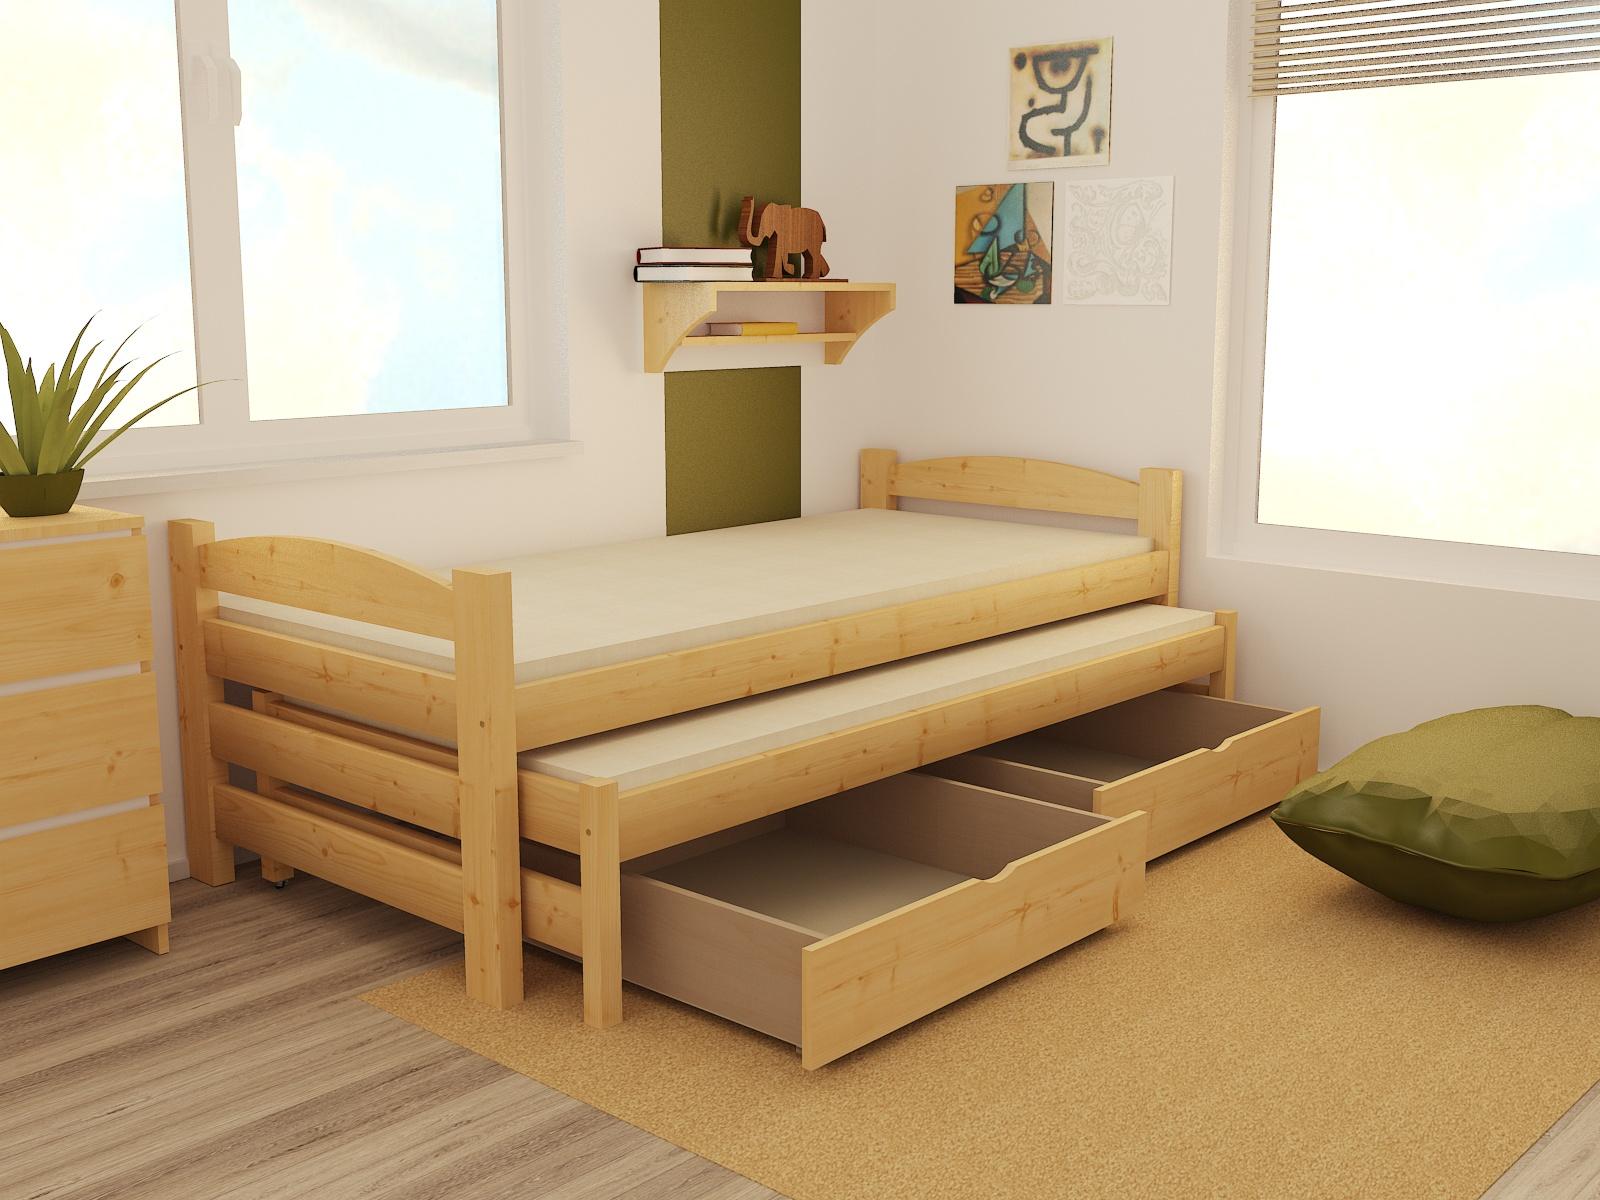 Dětská postel s výsuvnou přistýlkou DPV 009